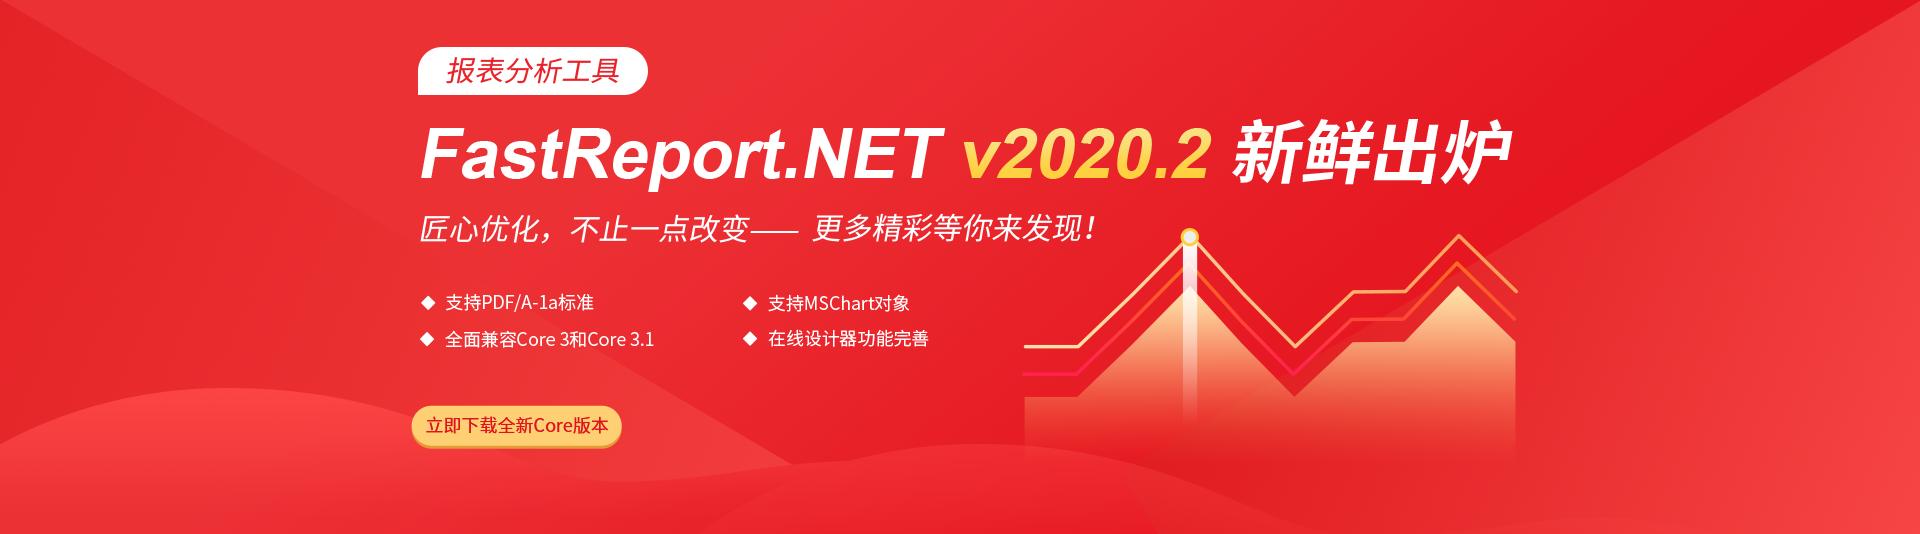 FastReport.Net_2020.2大版本更新